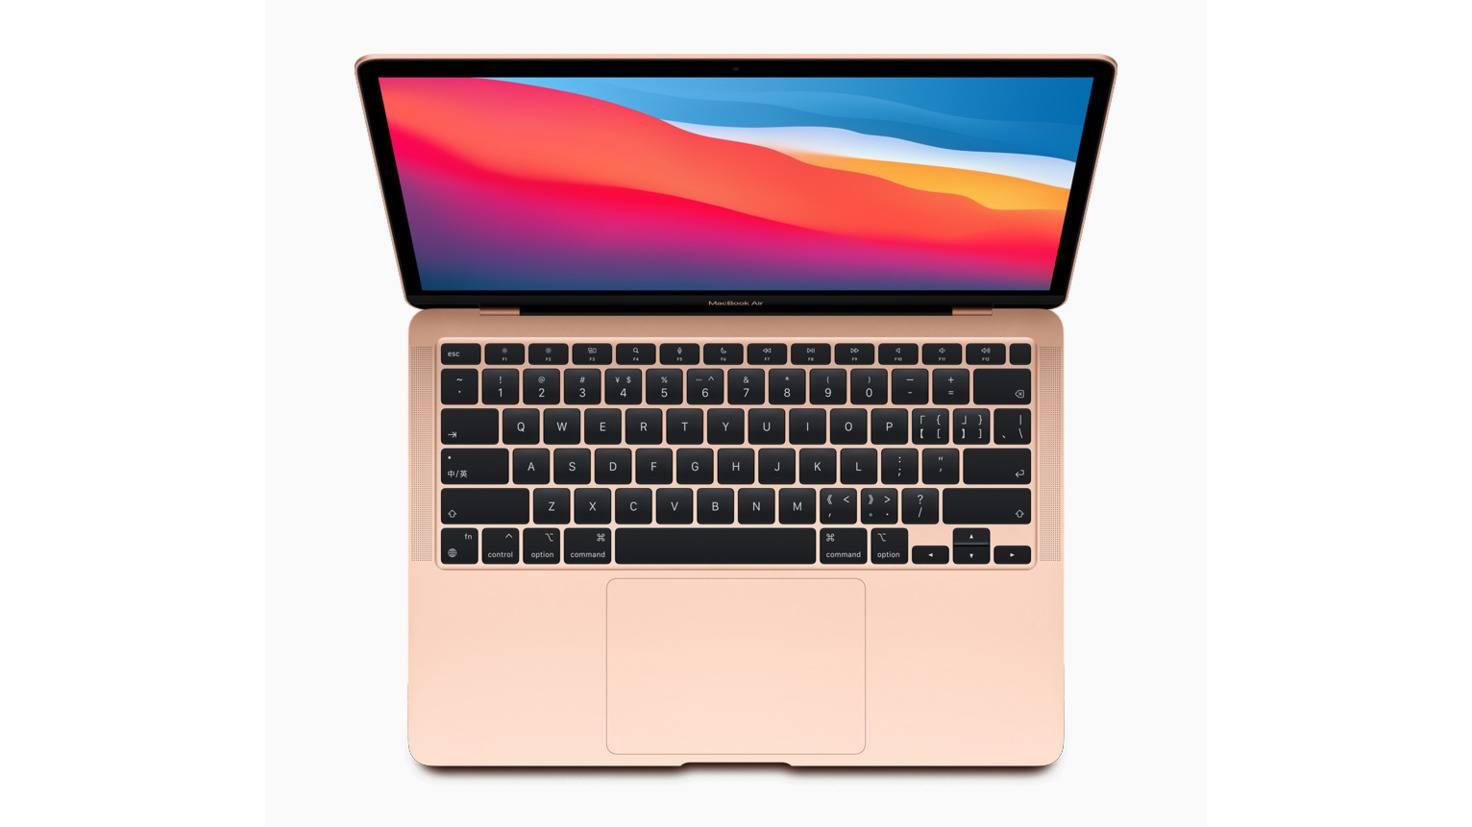 apple-macbook-air-m1-topdown